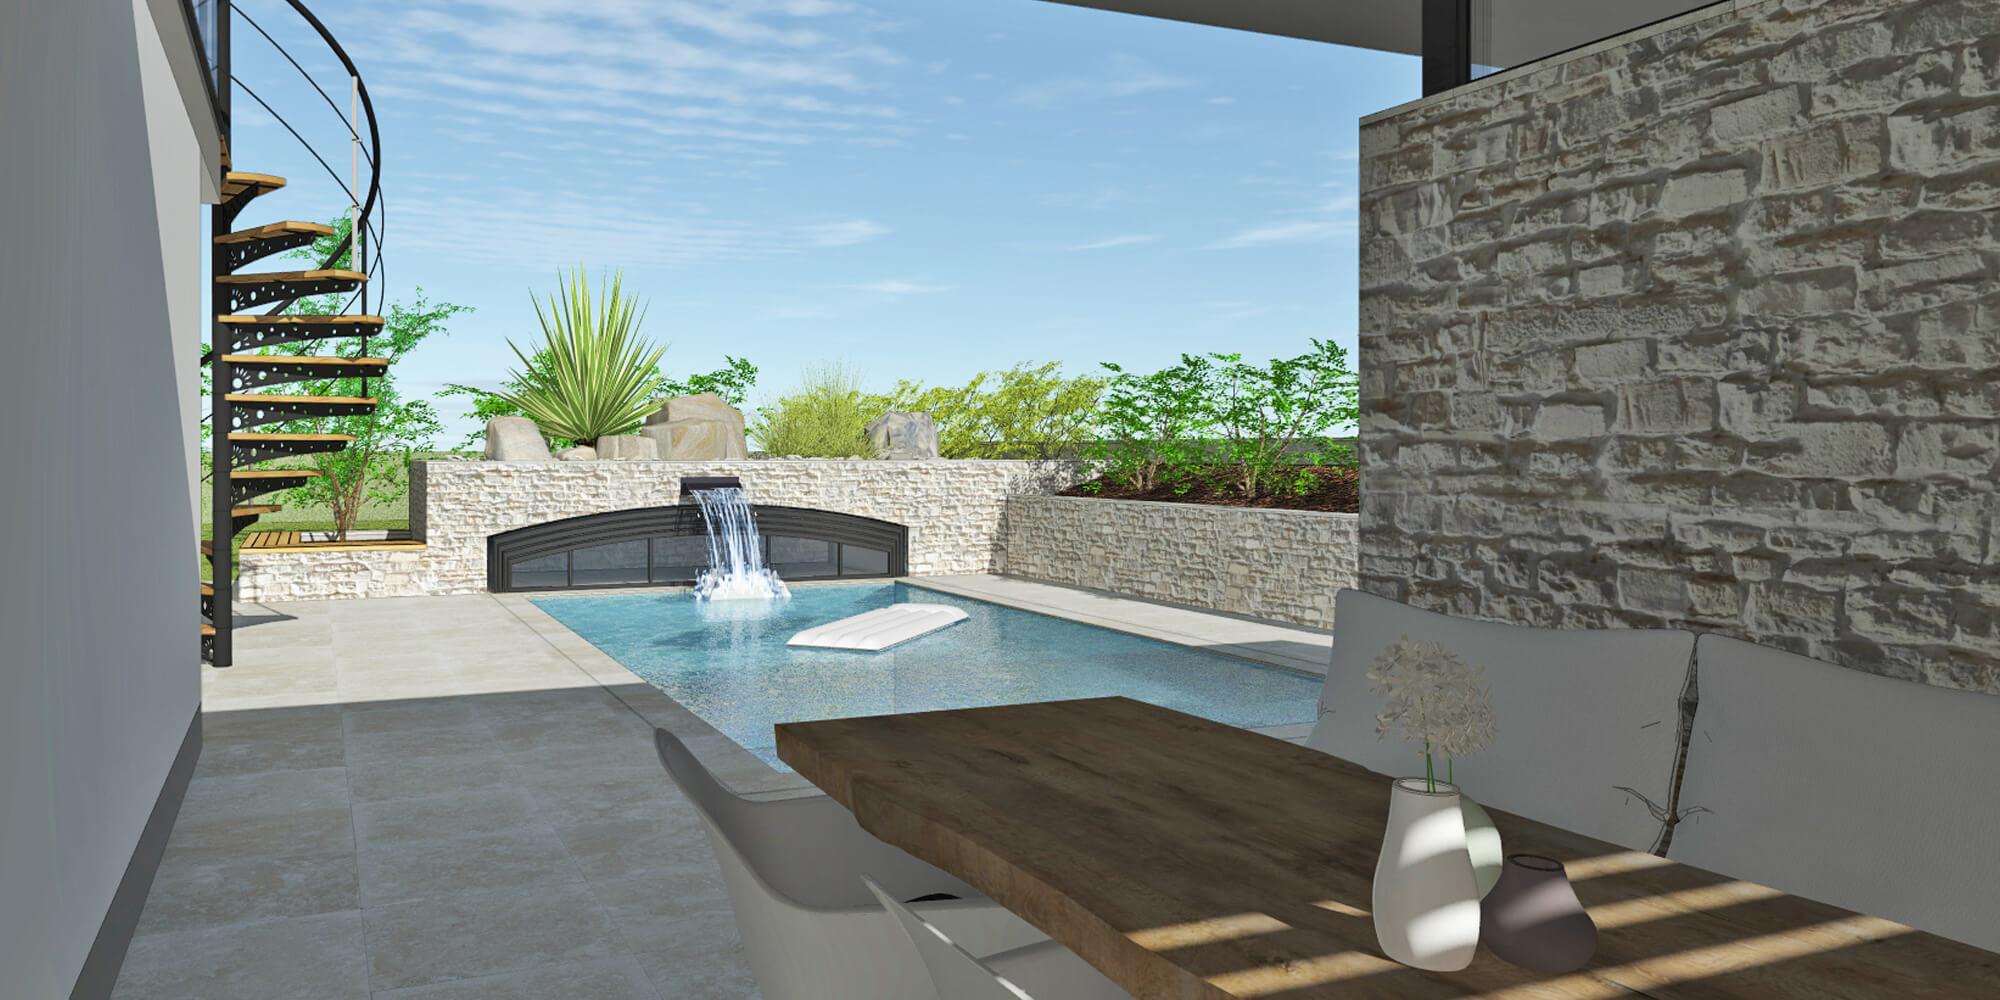 Cre-Plan-Design-Rauch-Frühmann-Architektur-Innenarchitektur-Design-Projekt-Referenz-Rund-ums-Haus-Swimmingpool-3